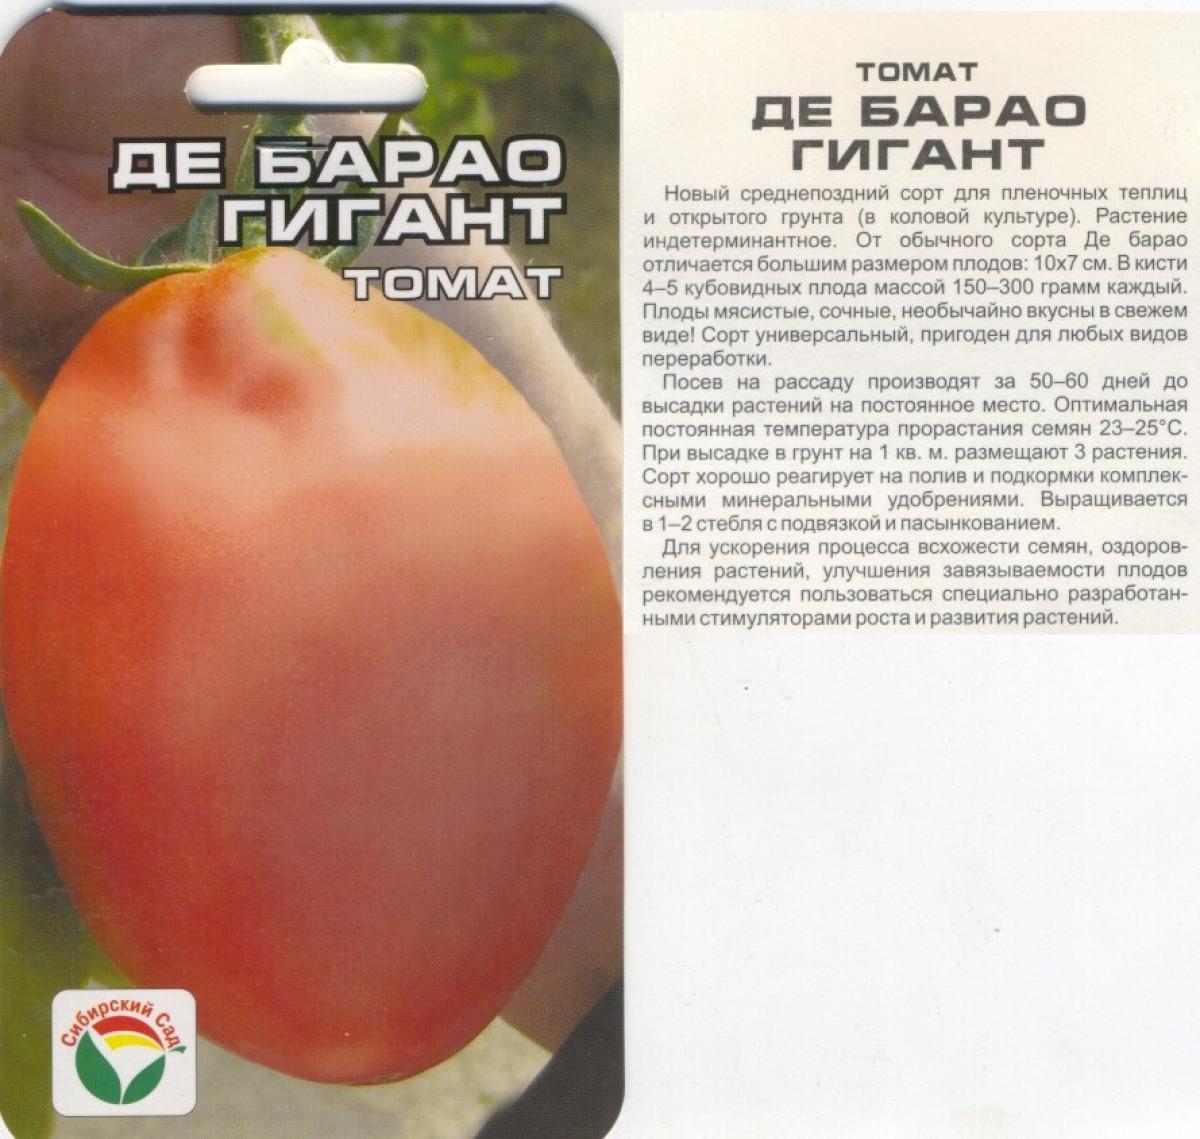 Томат розовый гигант: отзывы, фото, урожайность, описание и характеристика | tomatland.ru